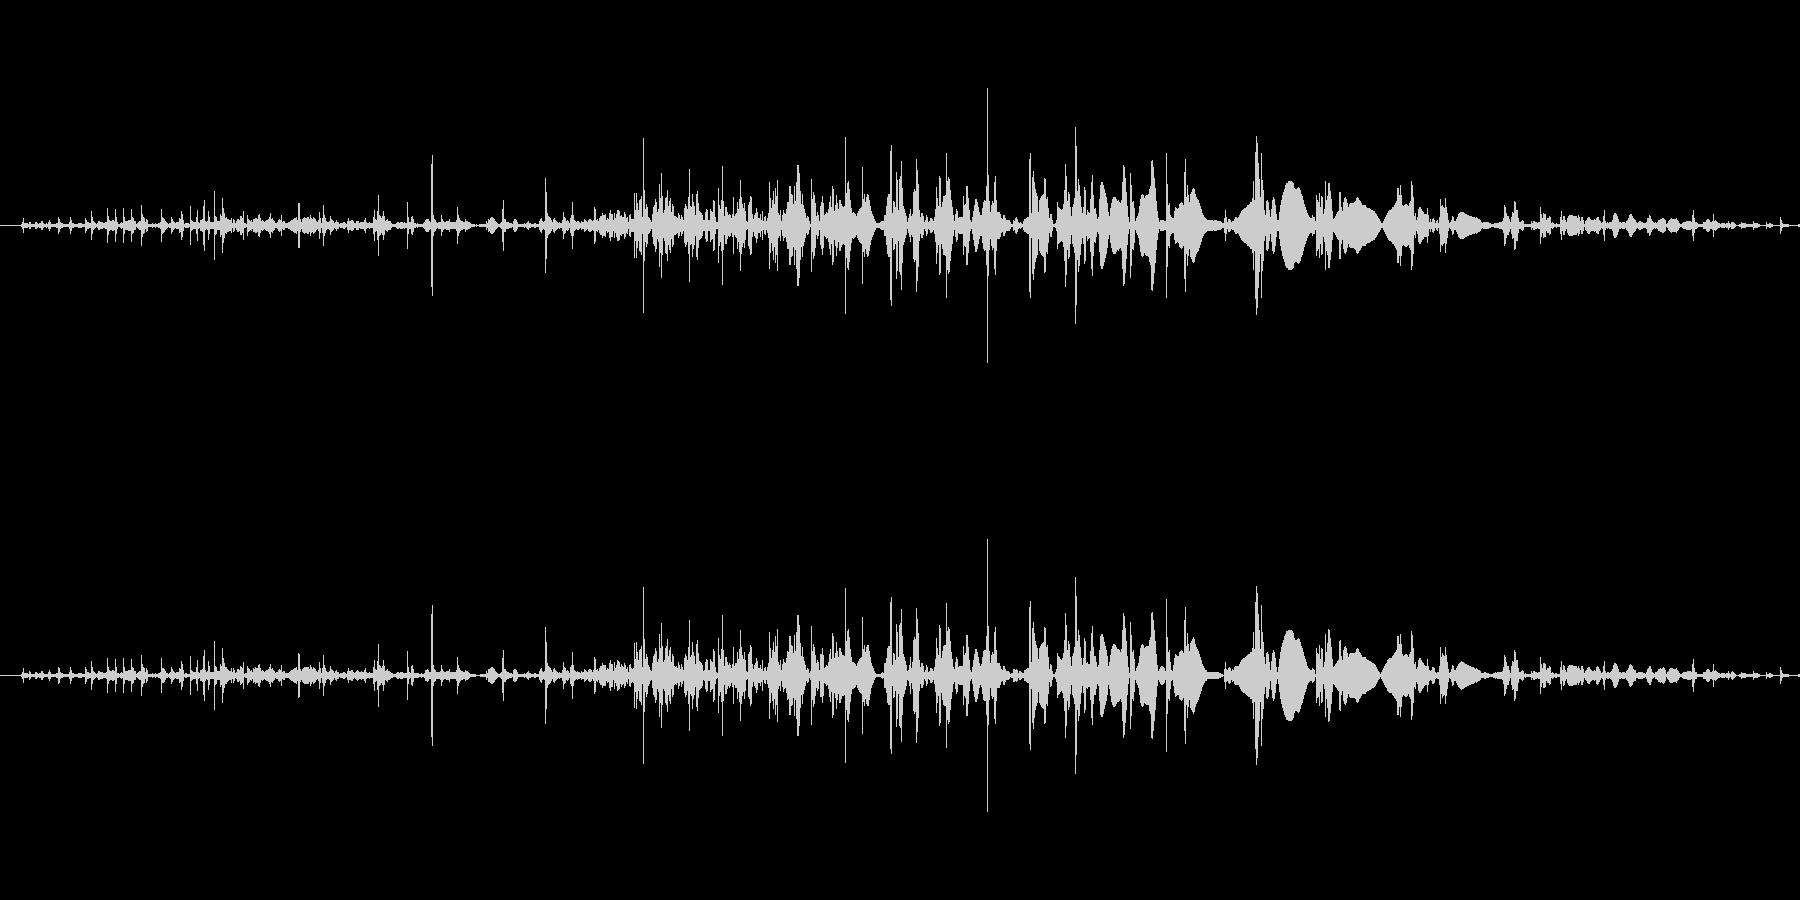 「ギリリッ」締め上げる2の未再生の波形